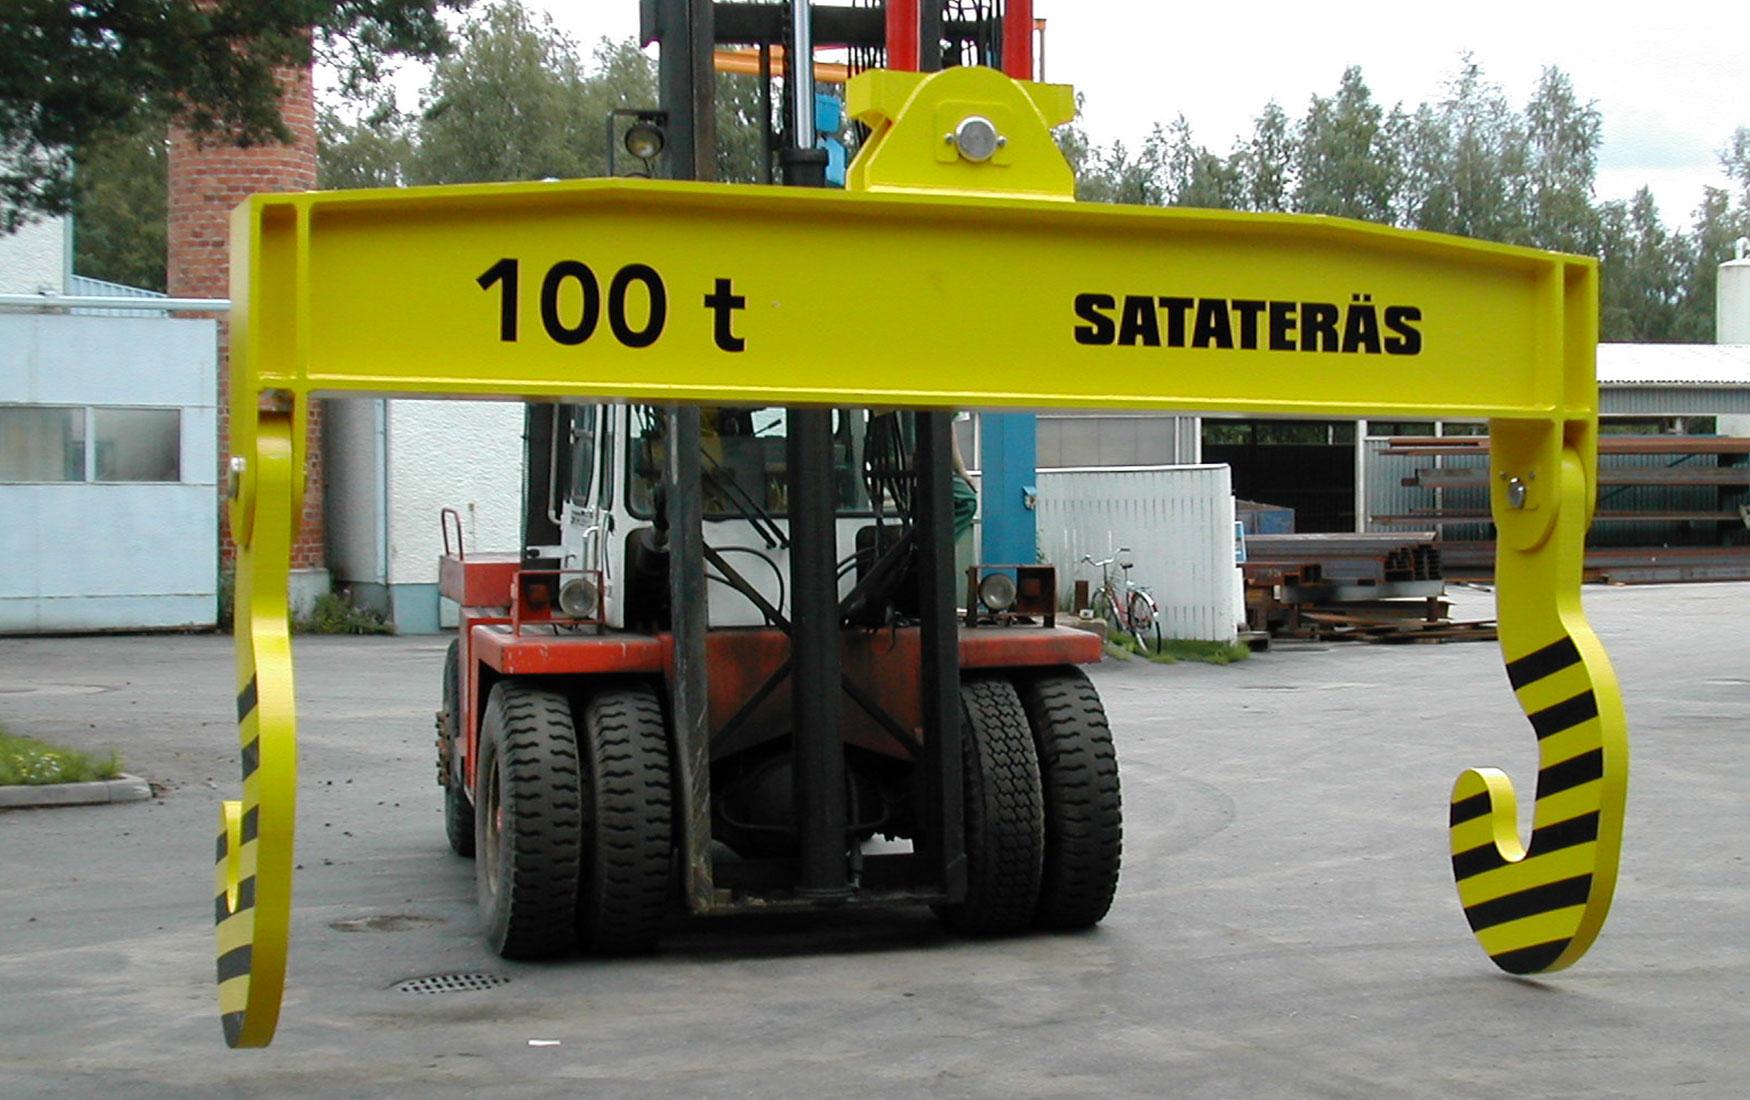 teollisuus-metalliteollisuus-teollisuuden-nostoapuvalineet-satateras_5